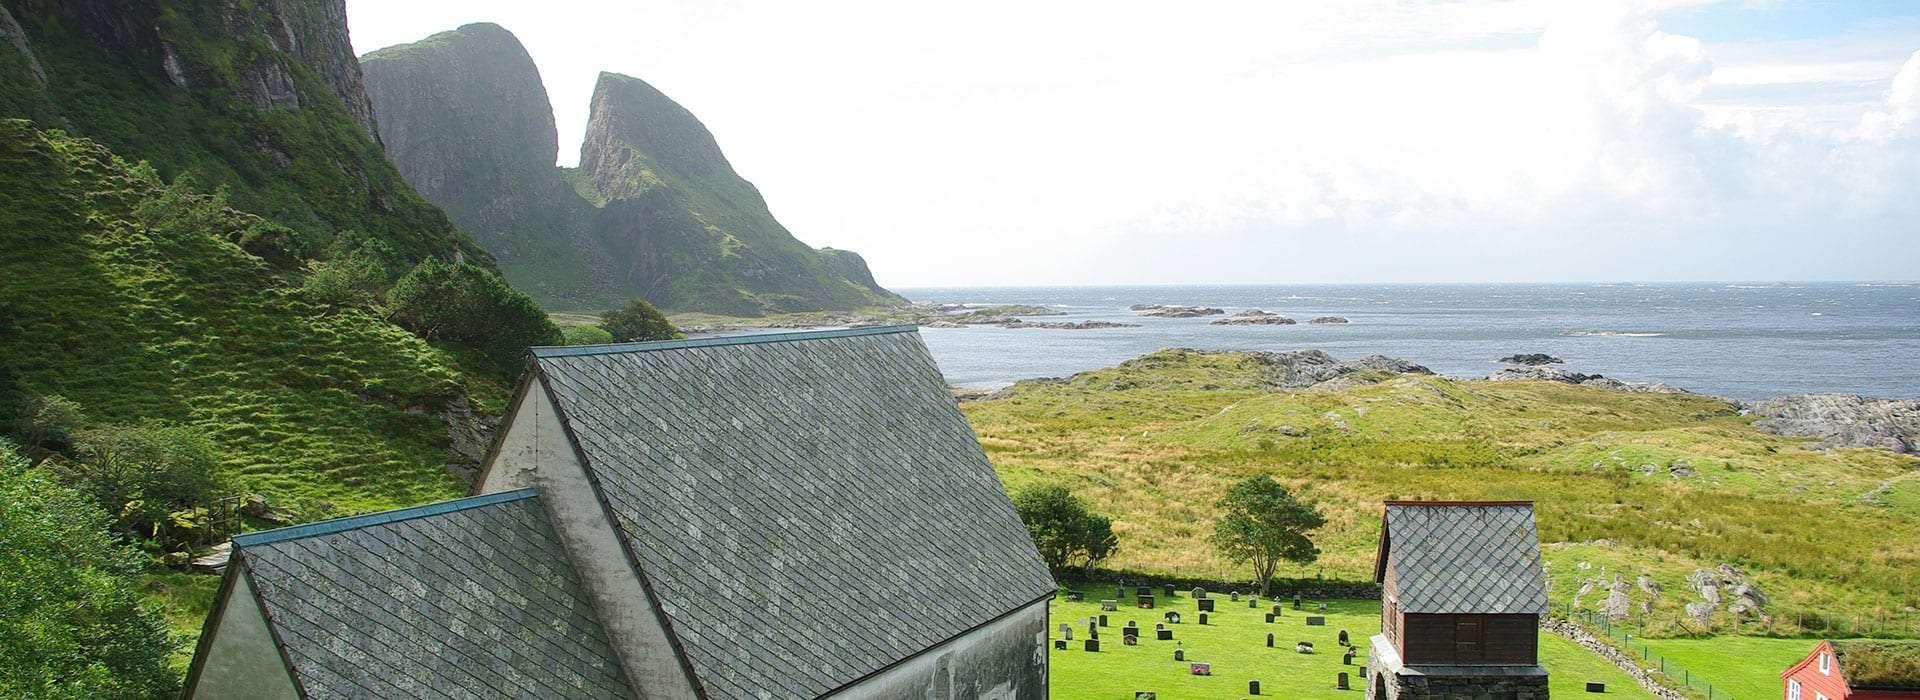 Kinn kyrkje med Kinnaklova i bakgrunnen. Foto.